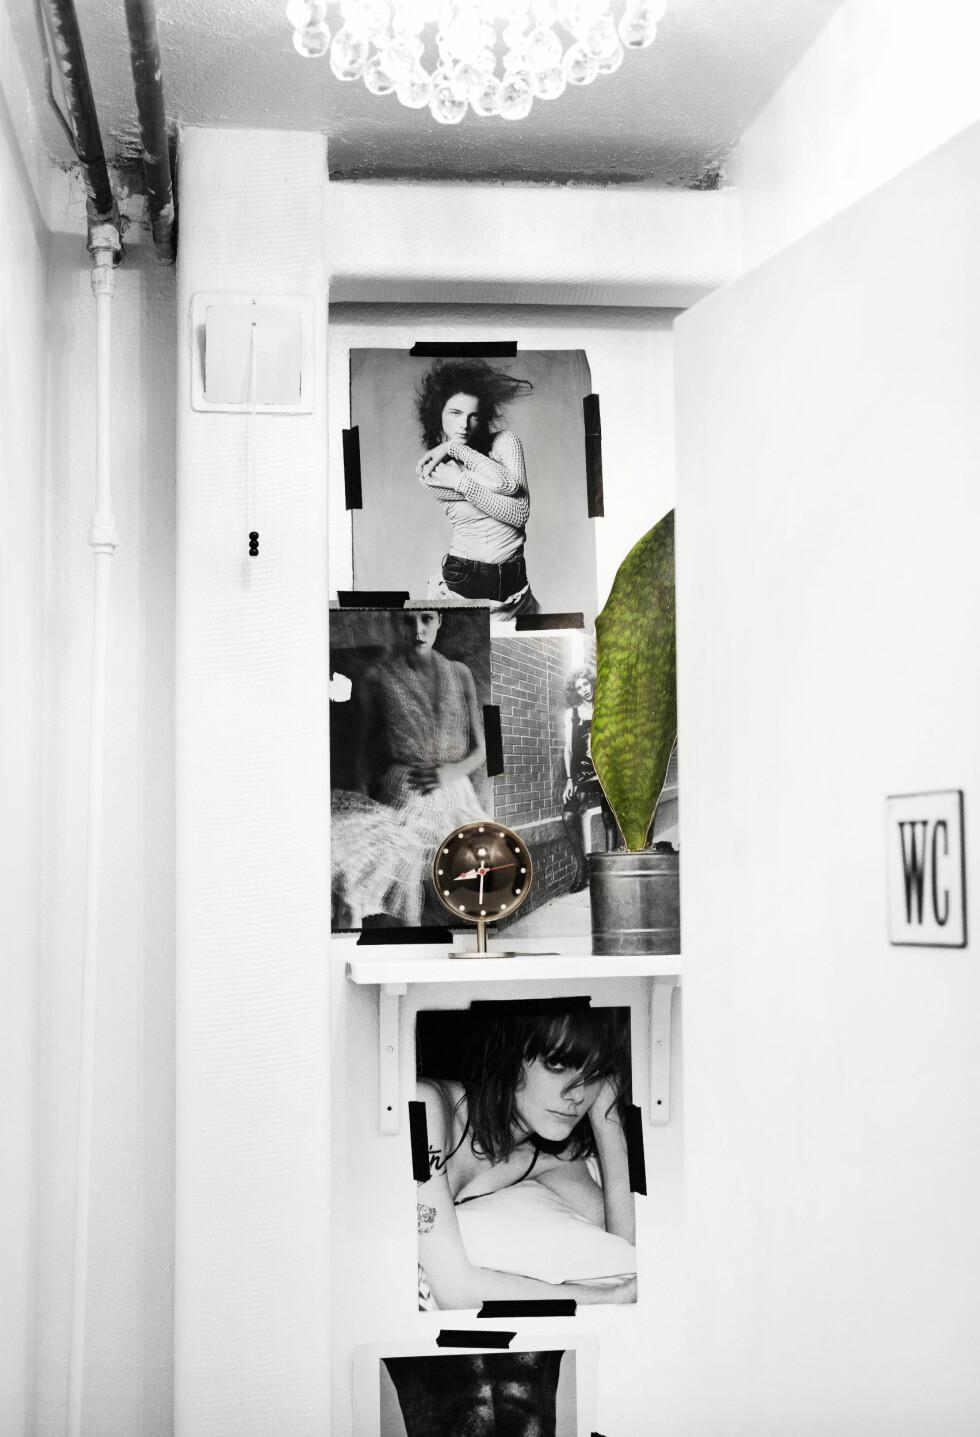 TØFT: I kjelleren var det et knøttlite toalett. — Vi ville bare gjøre det rått og kult, og lot vannrørene være synlig i taket, pyntet med prismer i taket og sjakkmønster på gulvet. Bilder på veggen gjør seg alltid, det skaper dybde i rommet, og de sjokkerer litt. Det er kule bilder. Foto: Nina Ruud